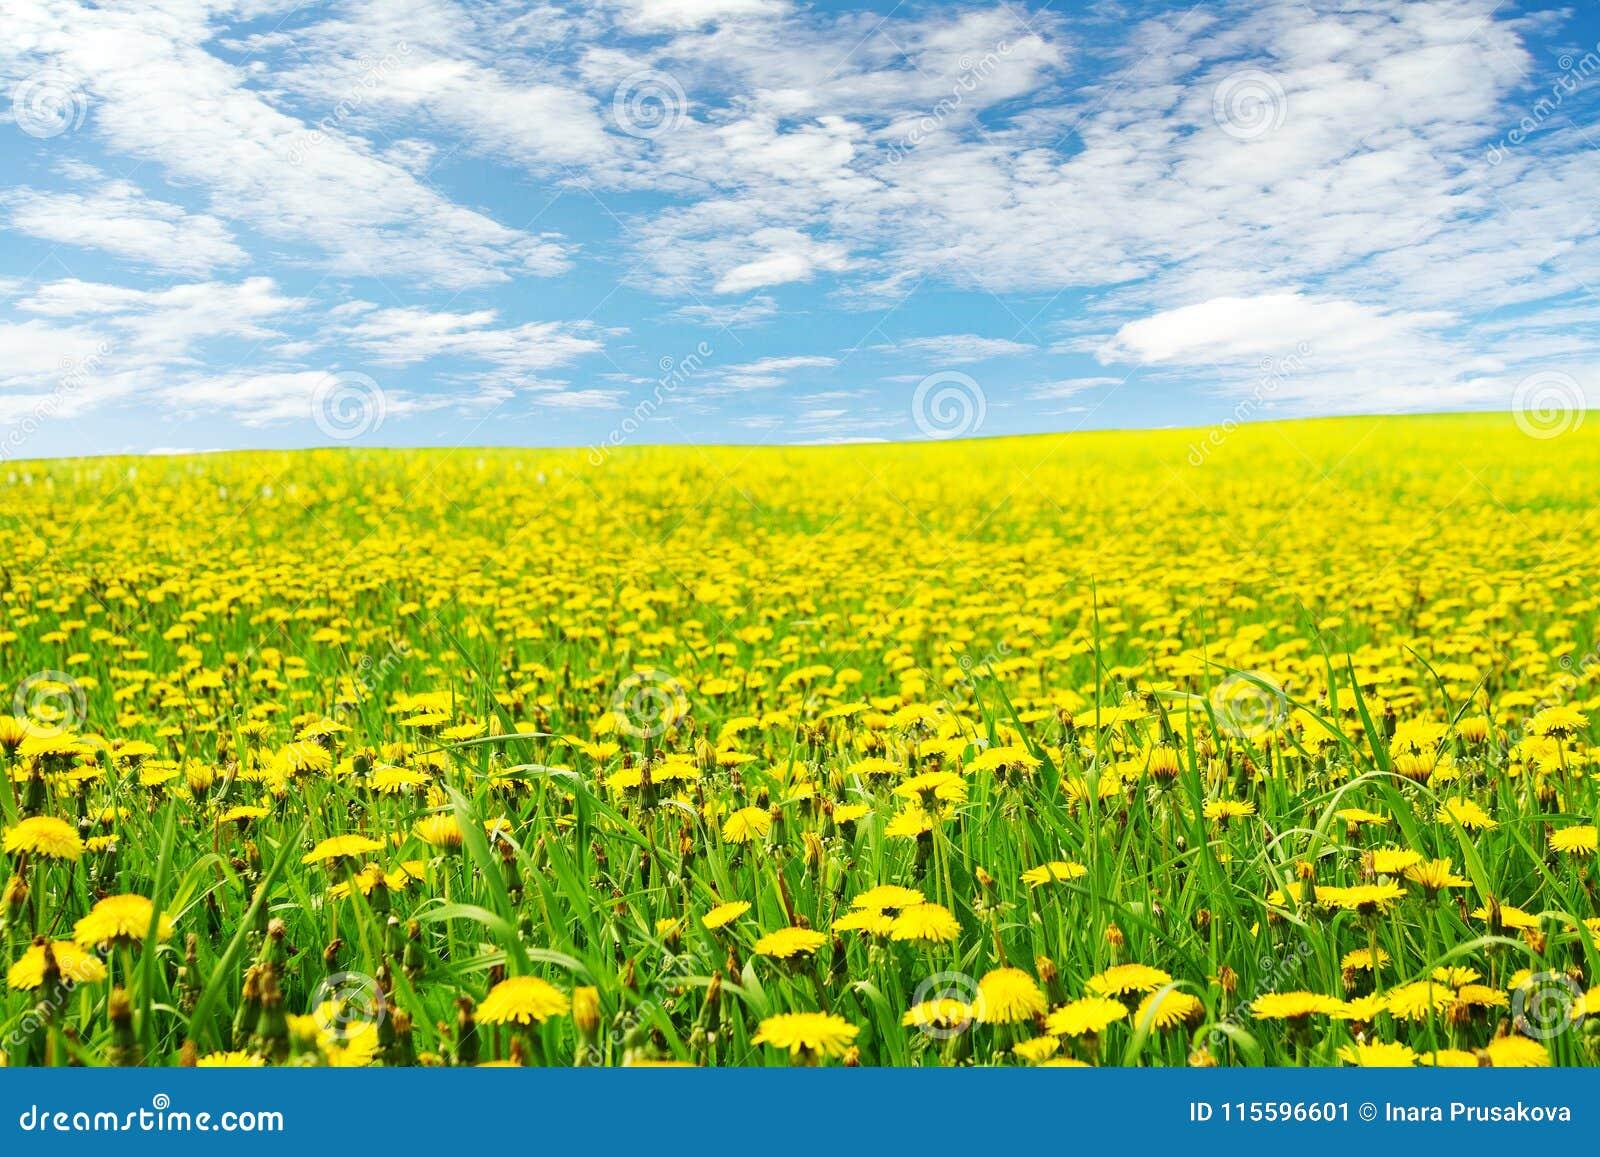 Dandelion Flowers Field Landscape, Yellow Dandelions Blossom